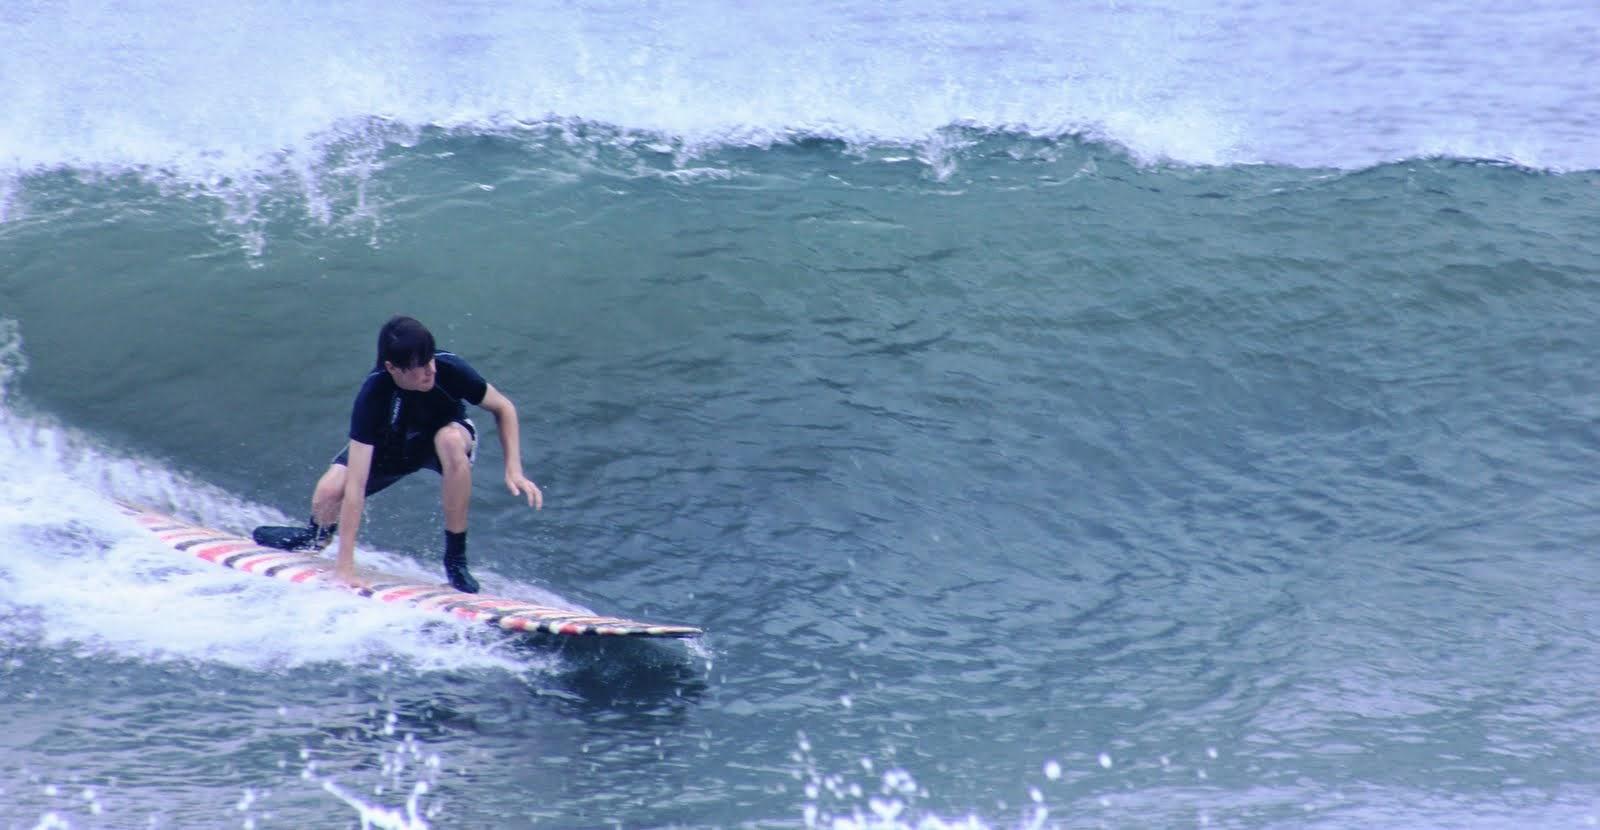 Medewi surf bali